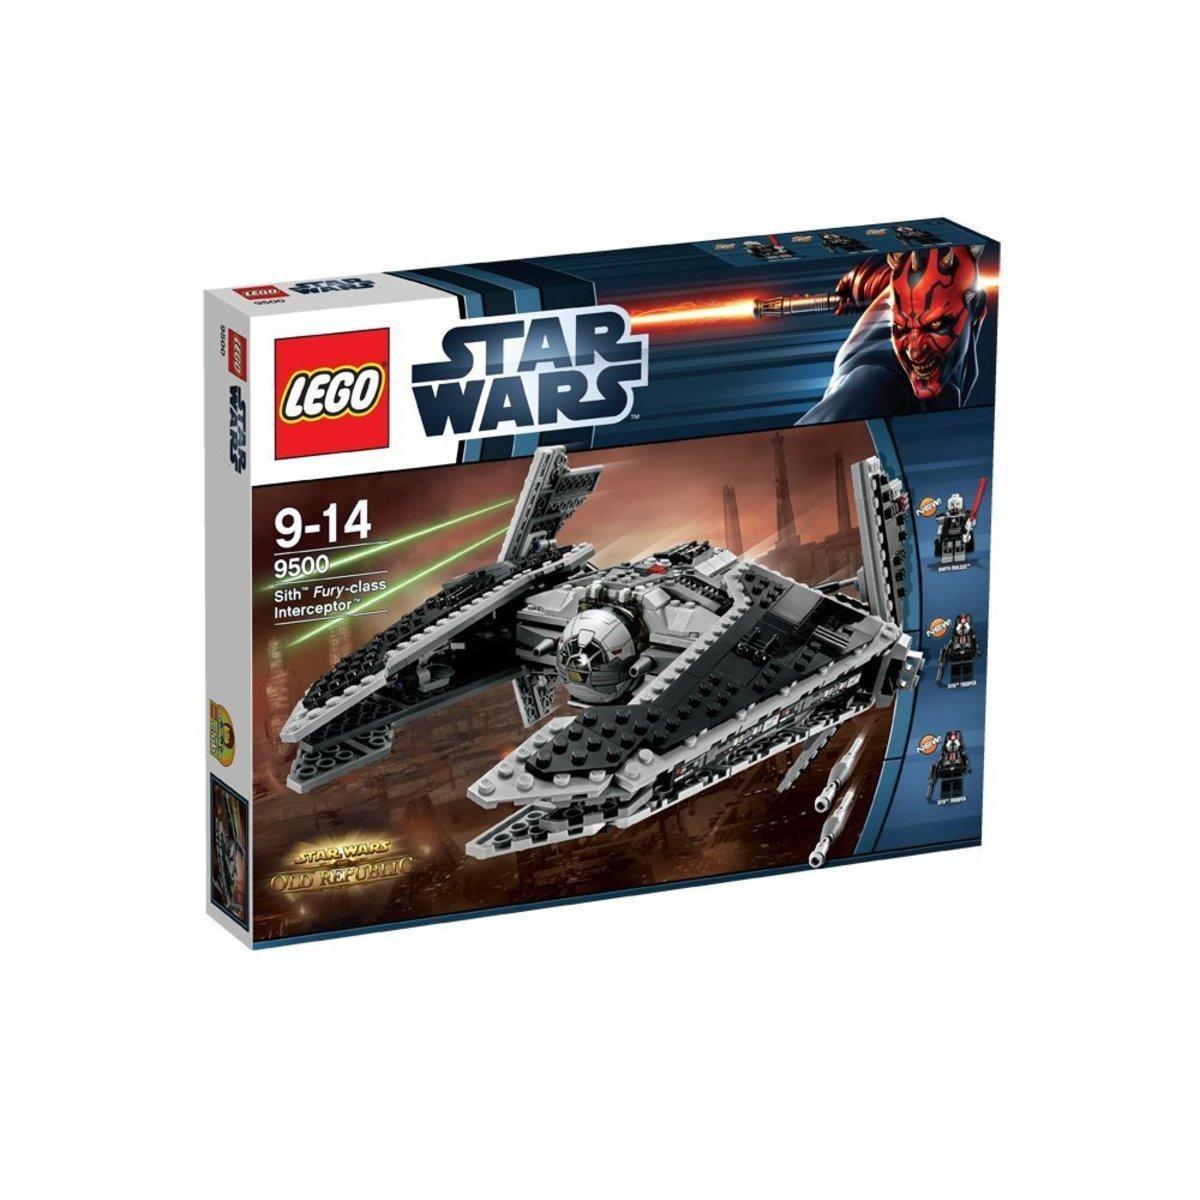 LEGO Star Wars Sith Fury-Class Interceptor 9500 Box